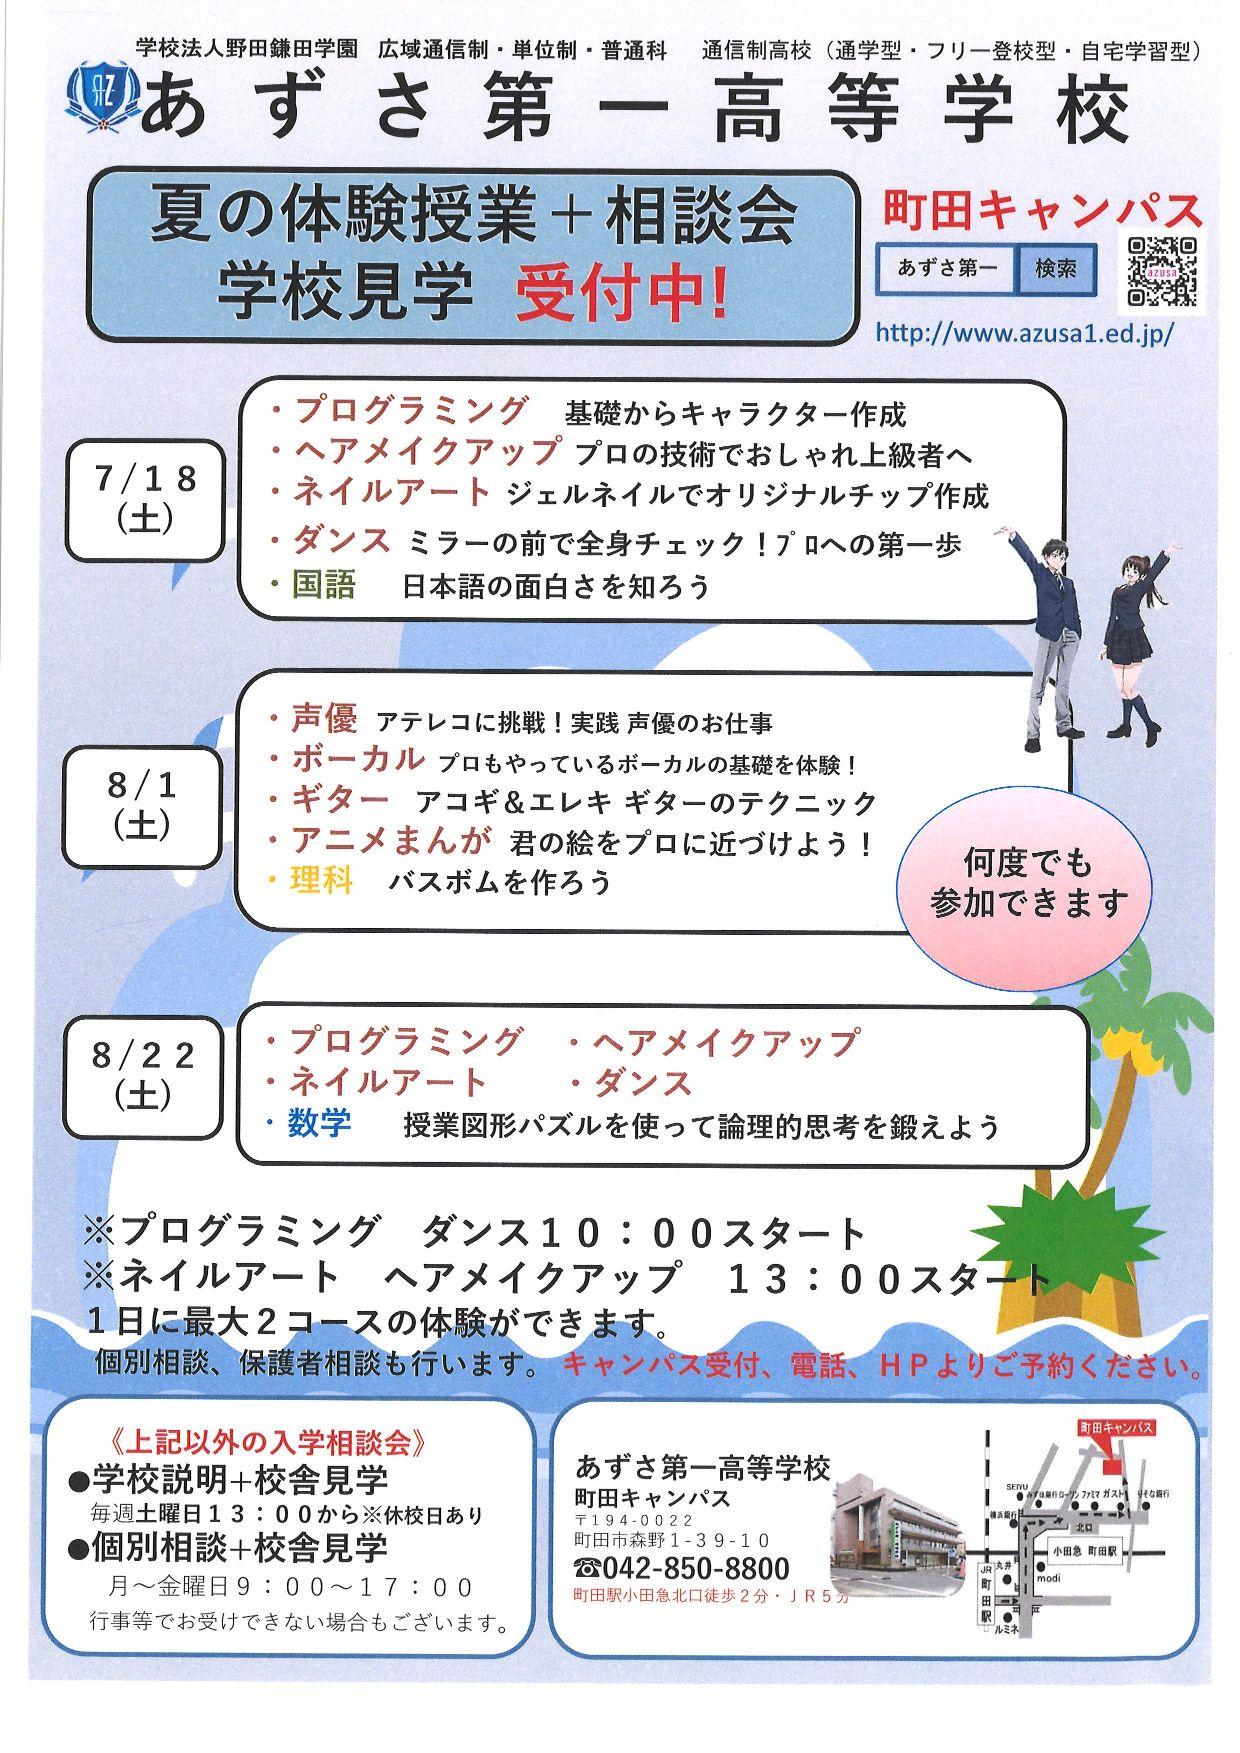 町田キャンパス 夏の体験授業 image1